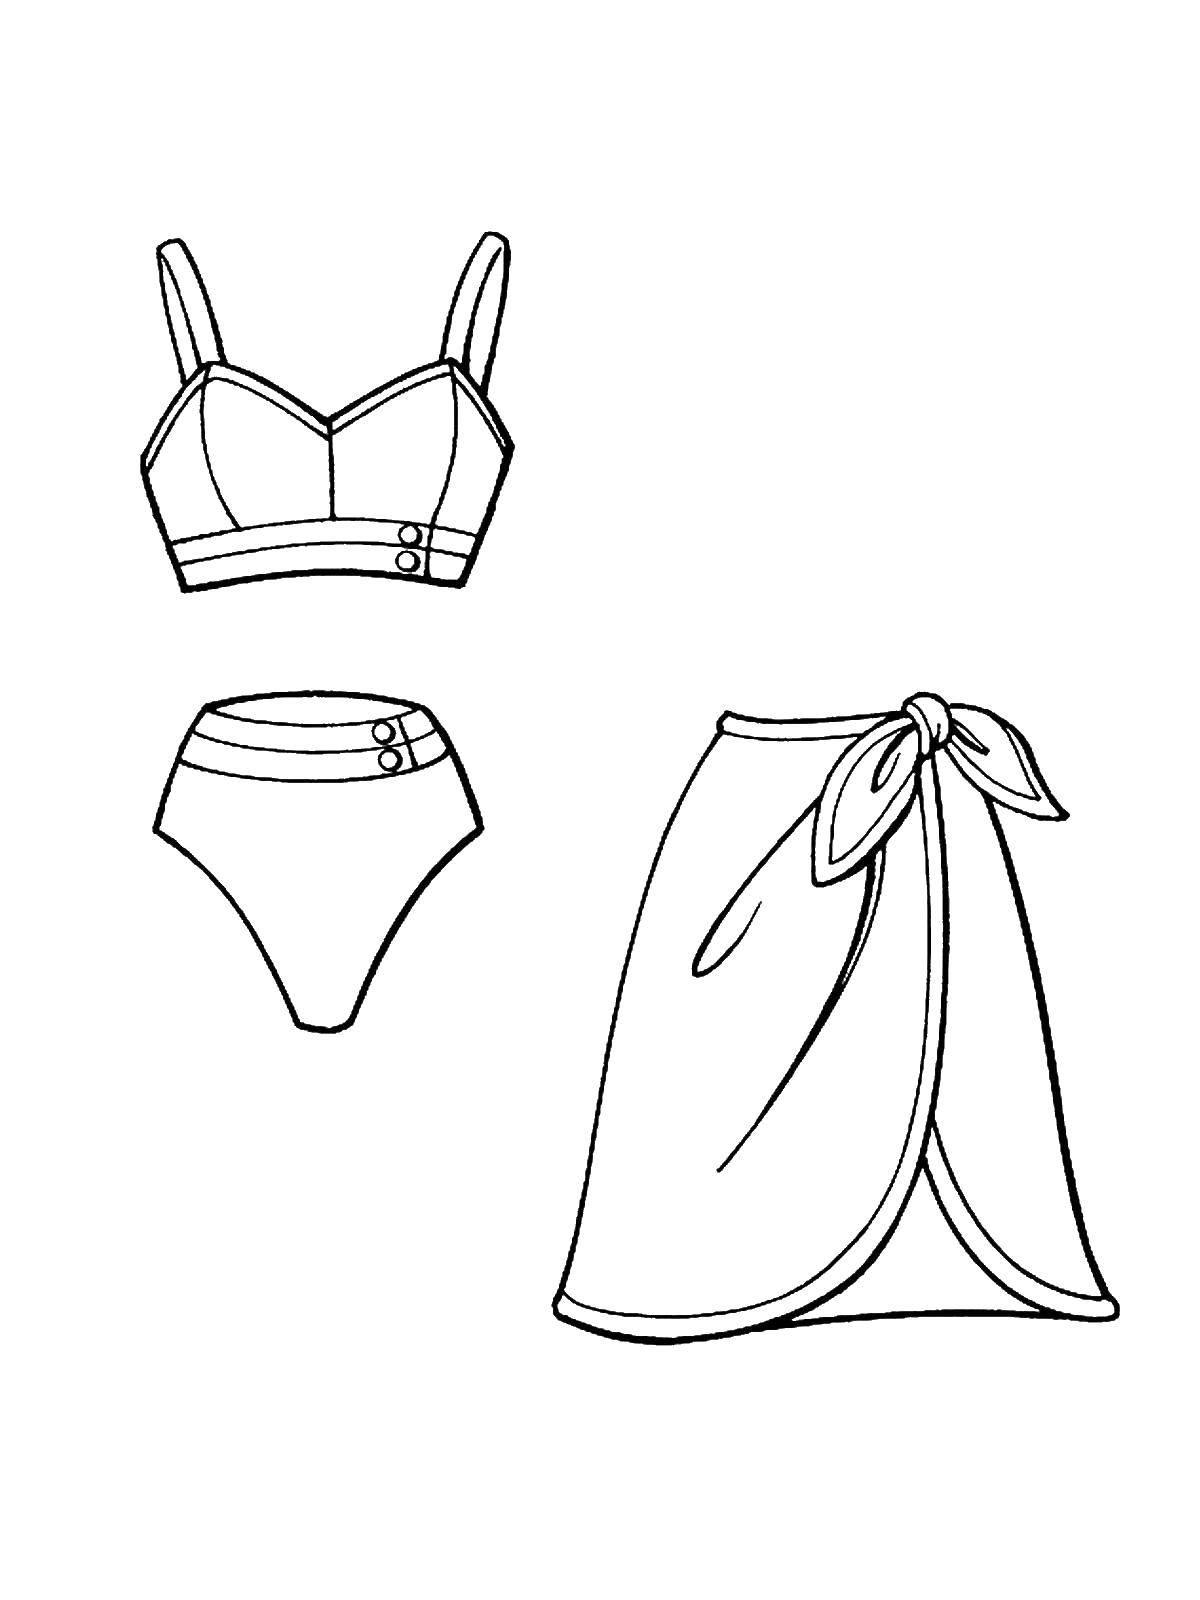 Картинка раскраска одежда для девочки